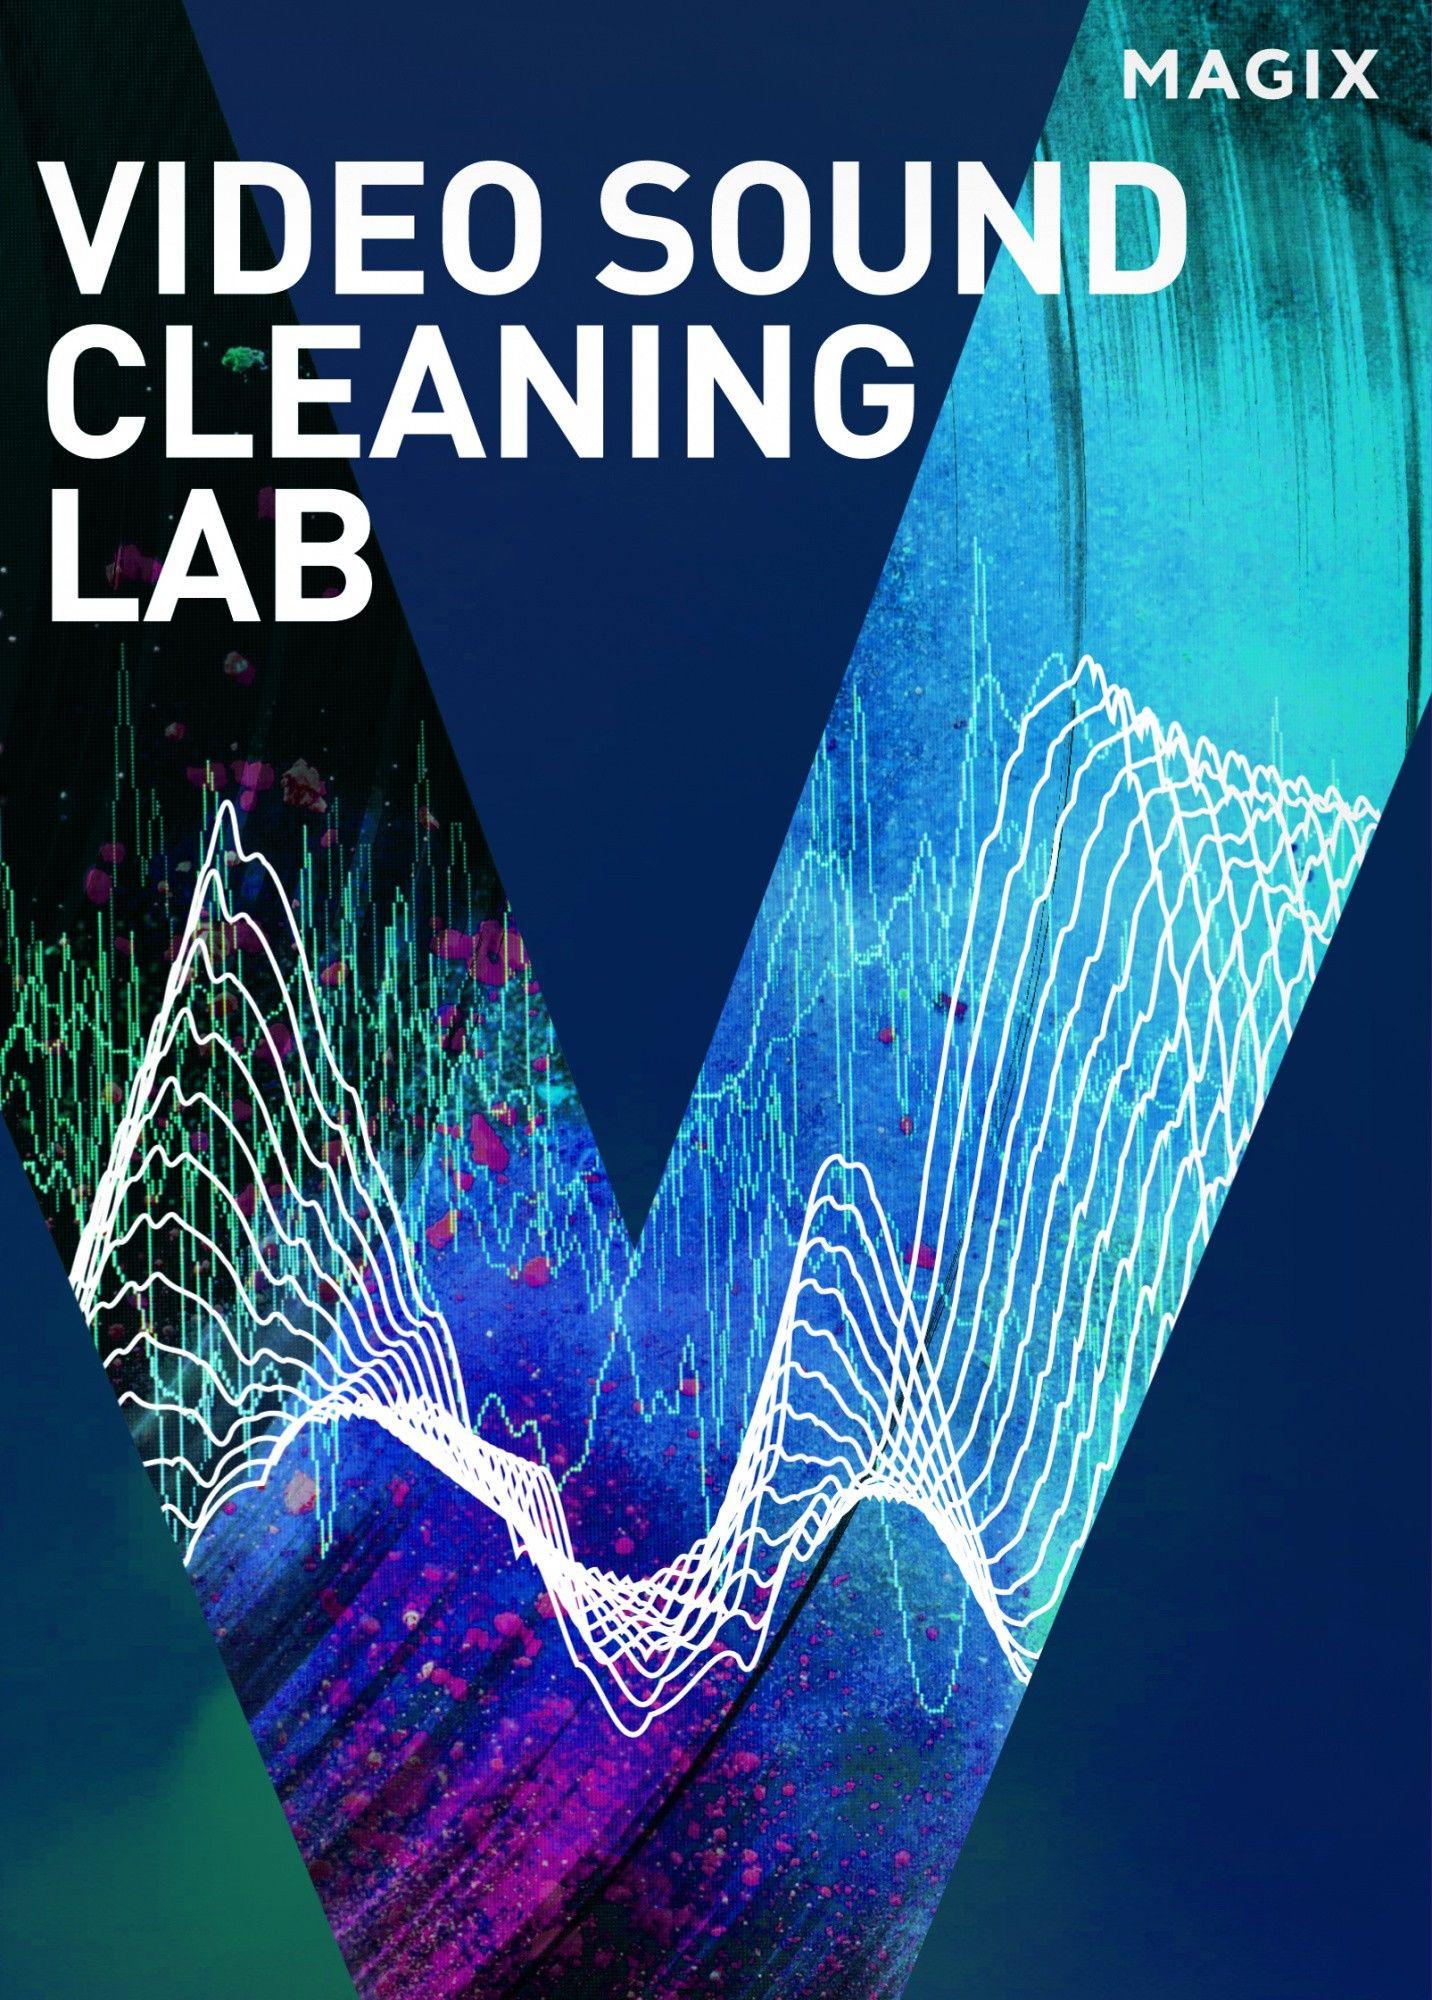 MAGIX Video Sound Cleaning Lab - ESD - cyfrowa - Edu i Gov - Certyfikaty Rzetelna Firma i Adobe Gold Reseller